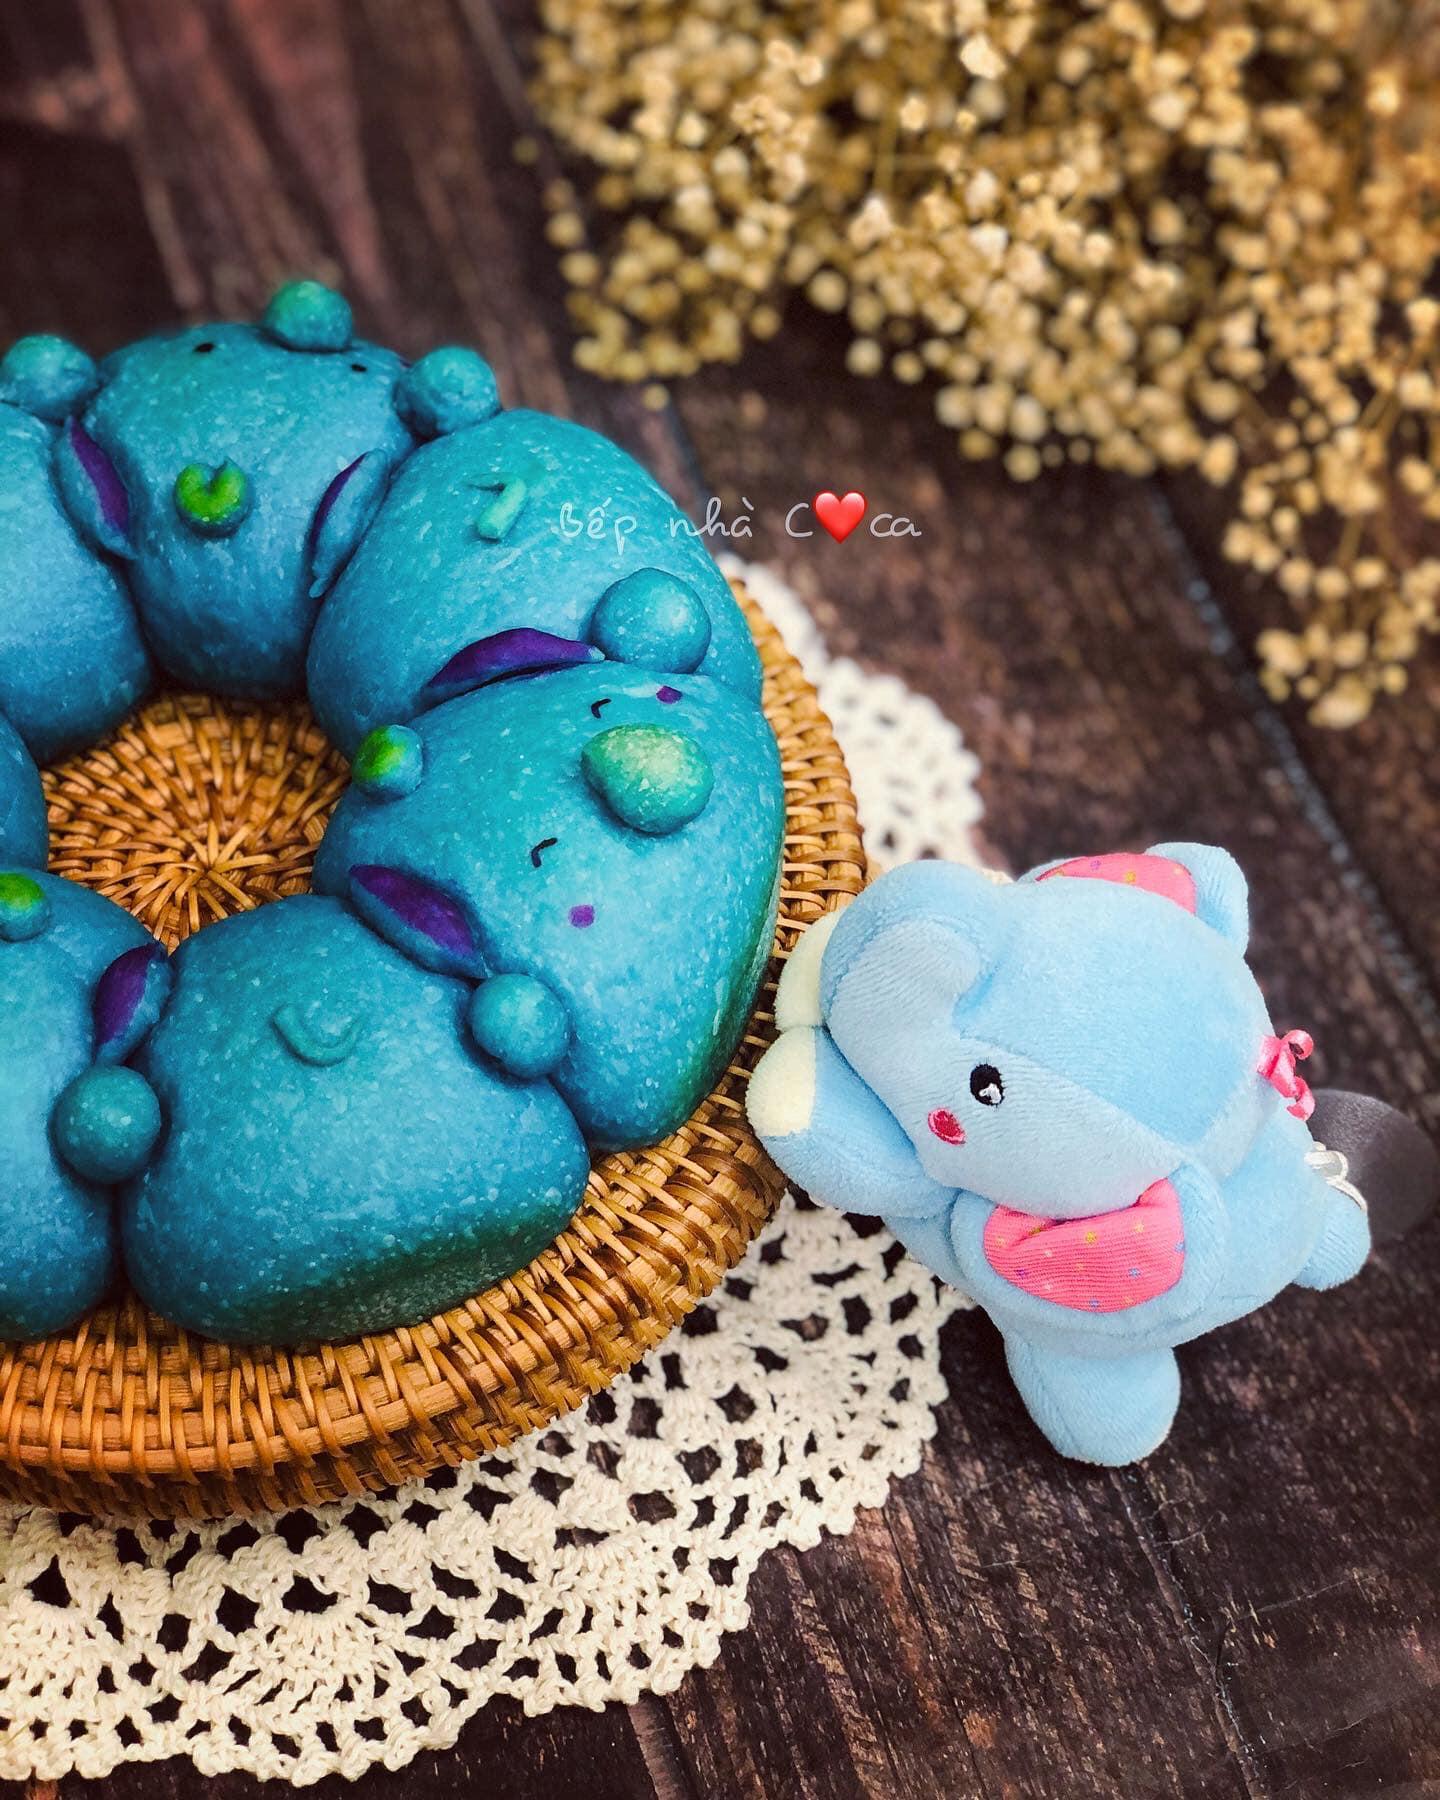 Mẹ đảm mách chị em cách làm bánh mỳ hoạt hình siêu cute khiến các bé mê tít - Ảnh 6